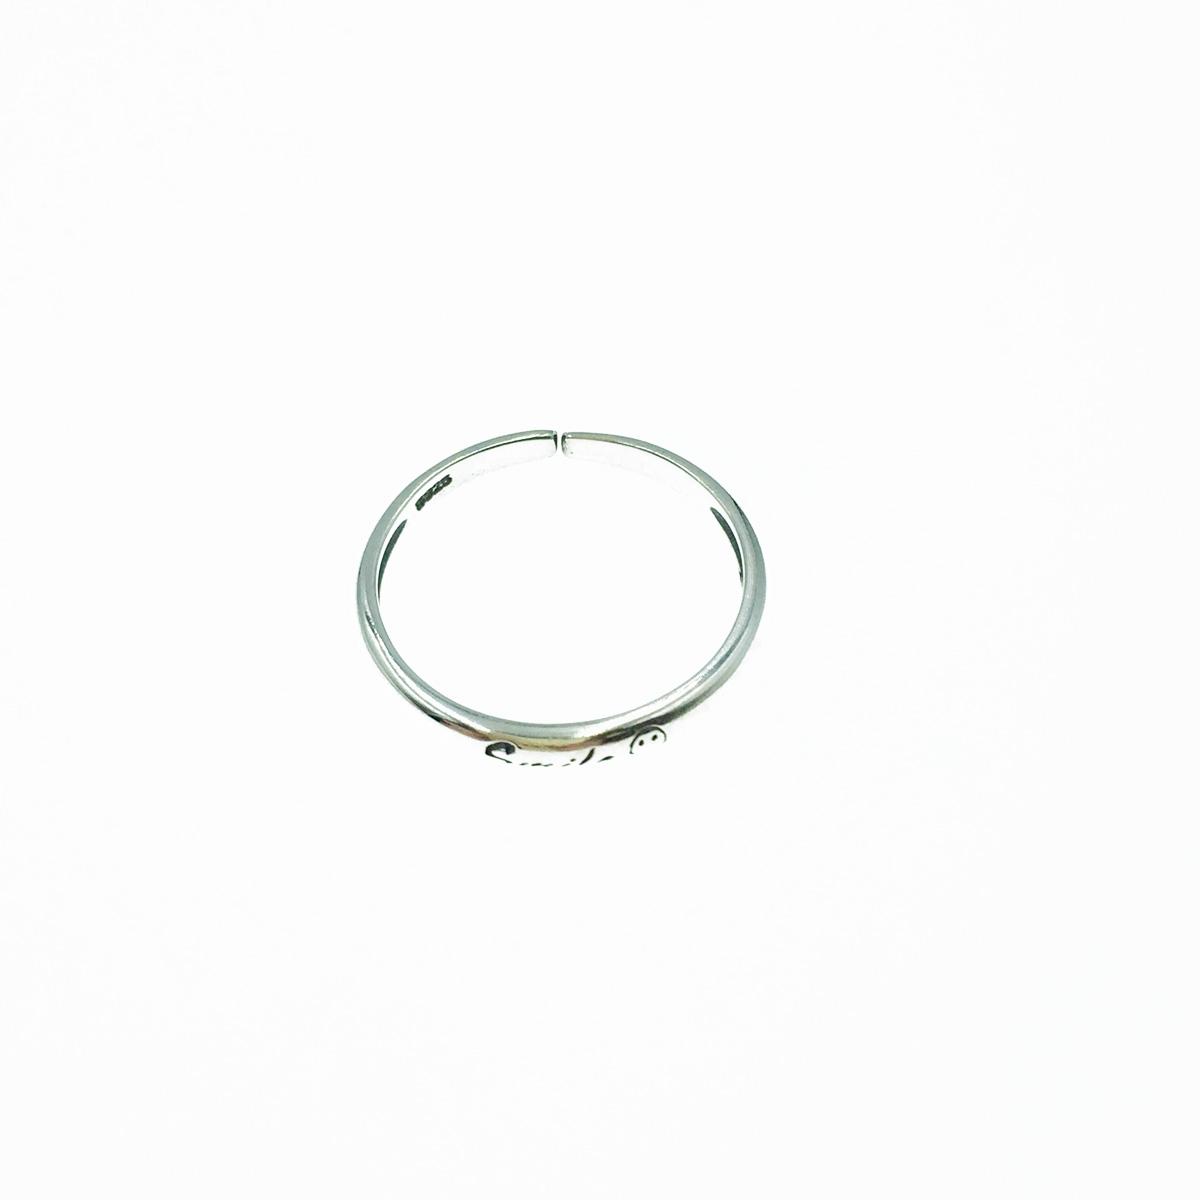 韓國 925純銀 smile 笑臉 可調式 戒指